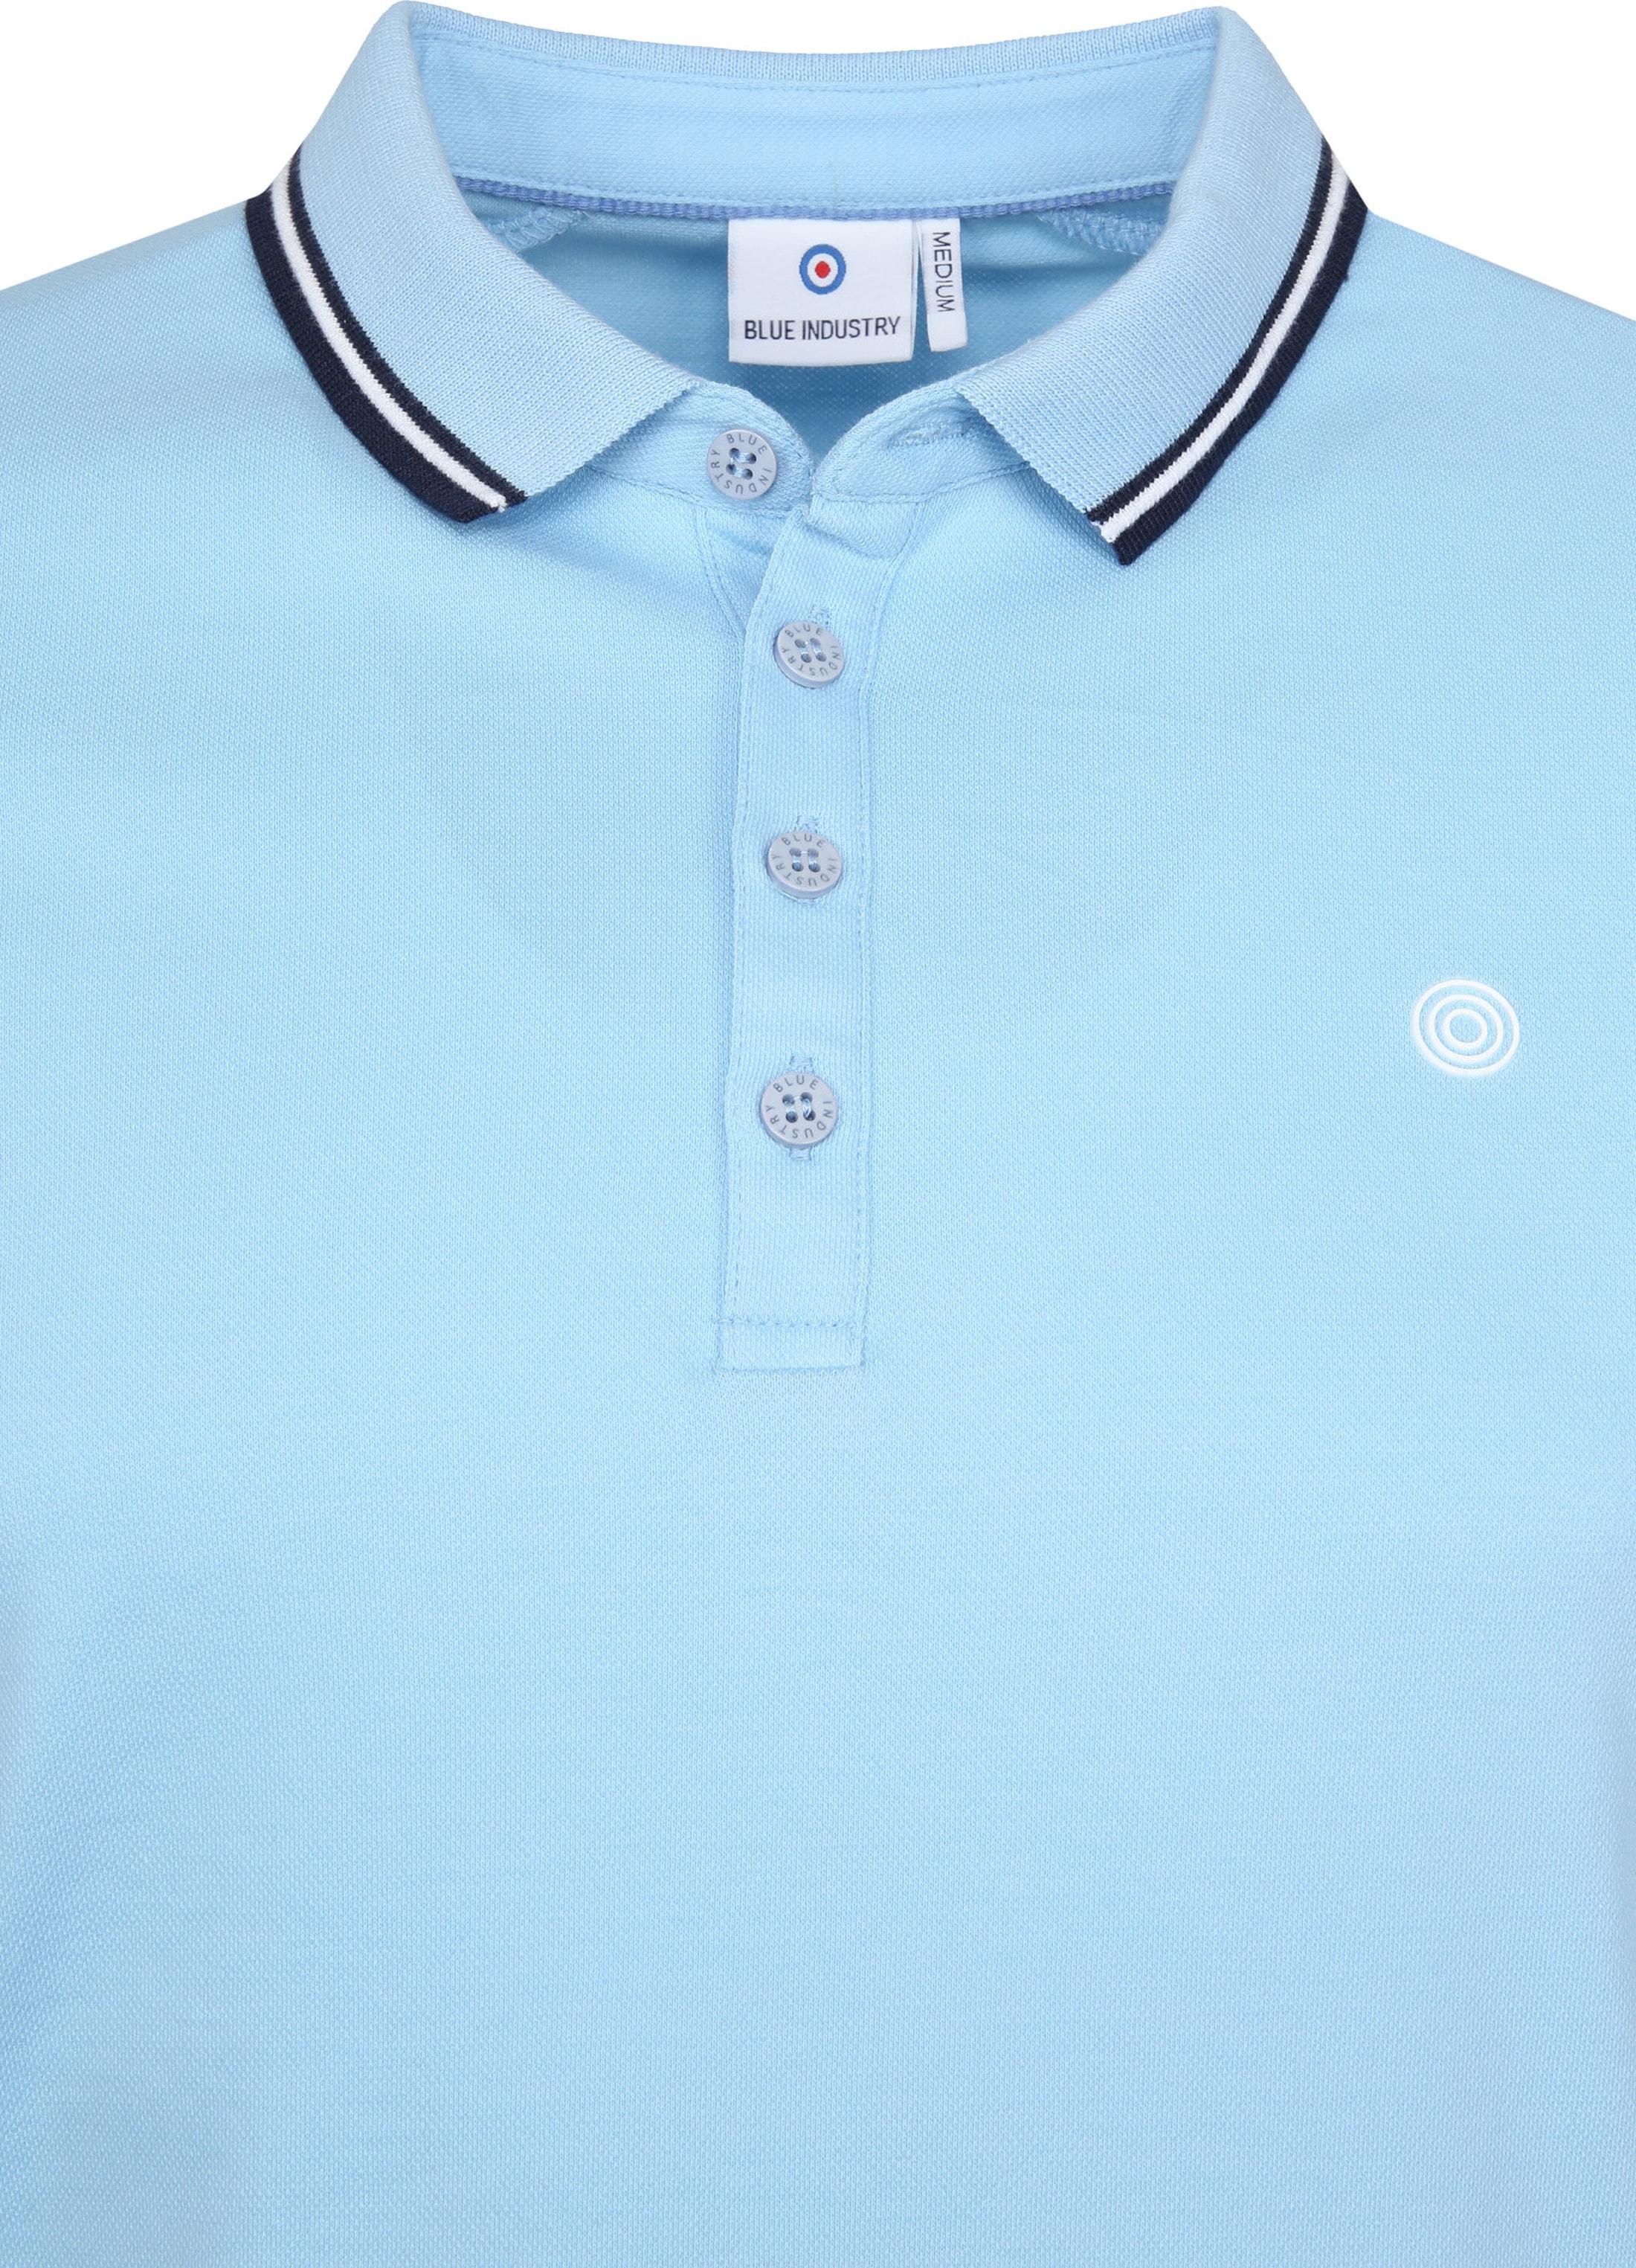 Blue Industry Poloshirt M21 Hellblau foto 1